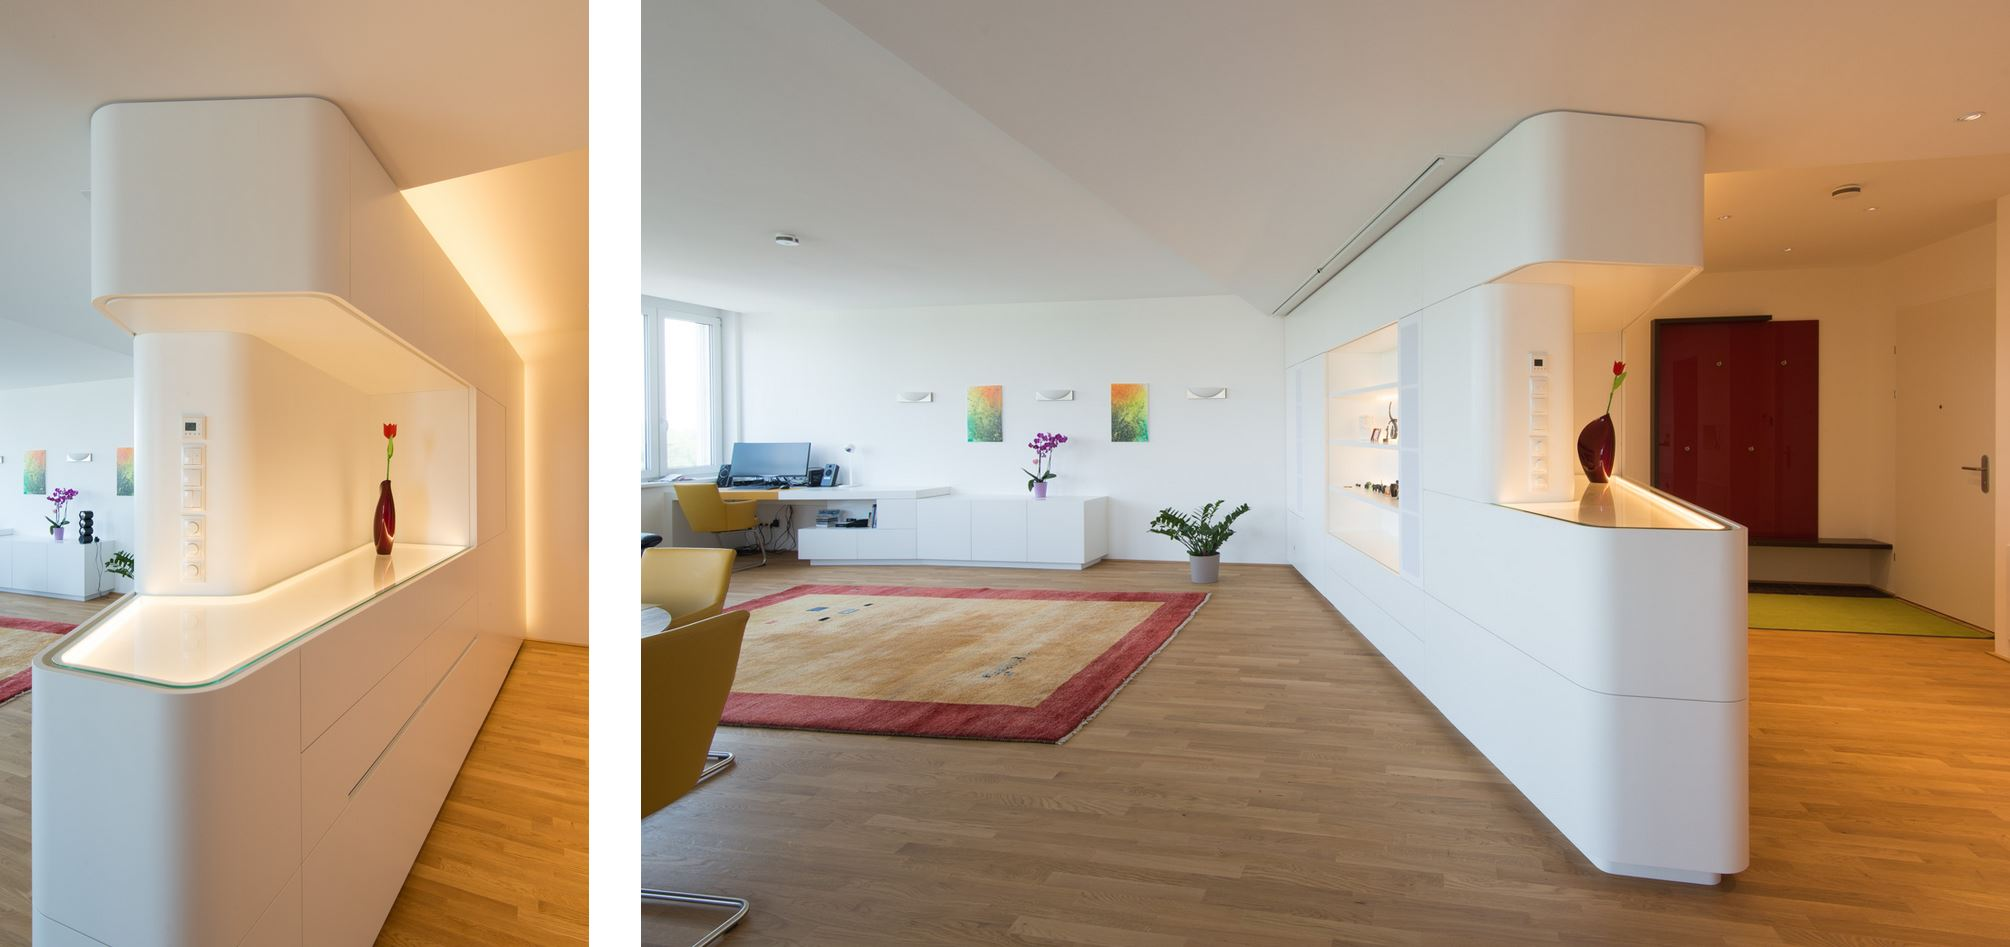 interior_design_klosterneuburg_kombi_2